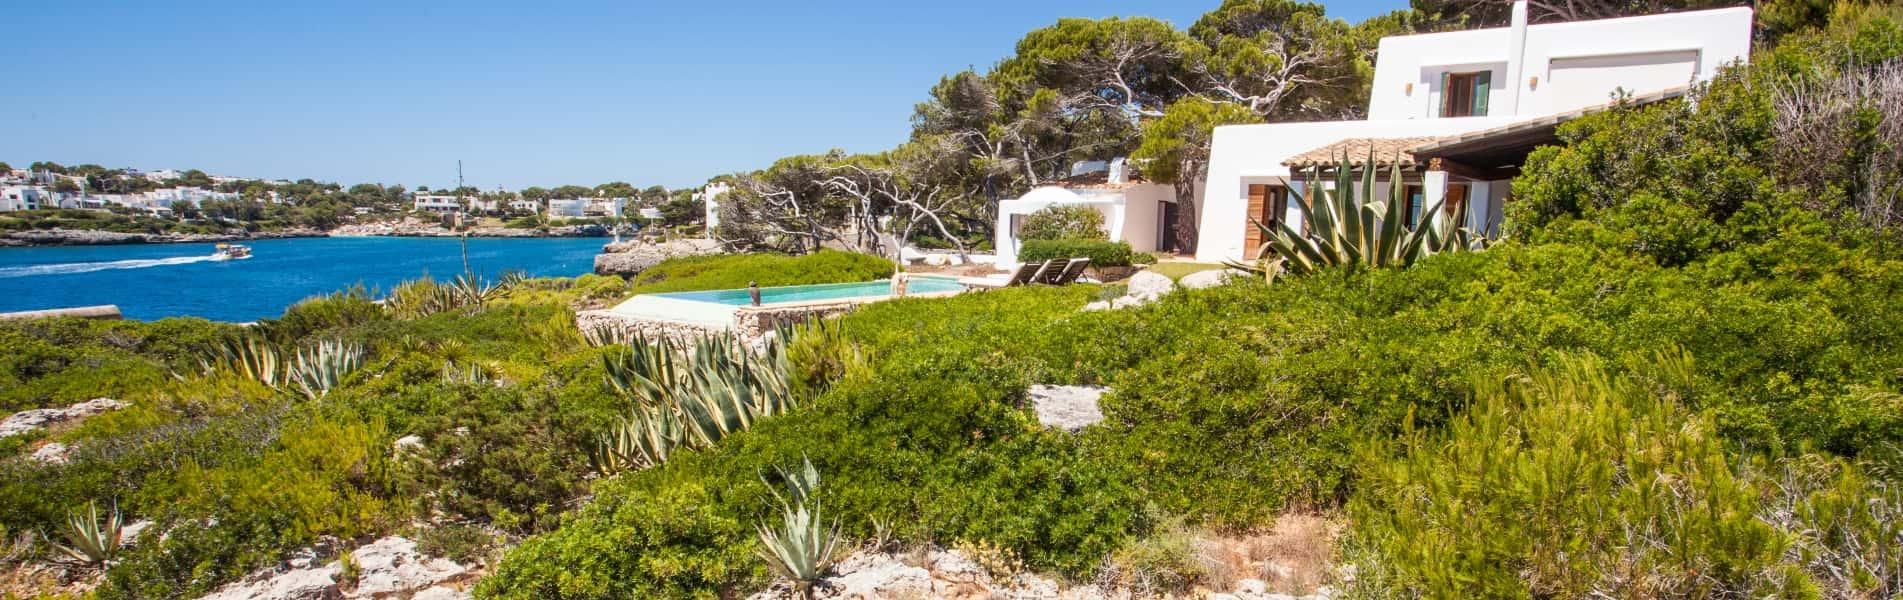 Luxus Ferienhaus & Ferienwohnung auf Mallorca buchen